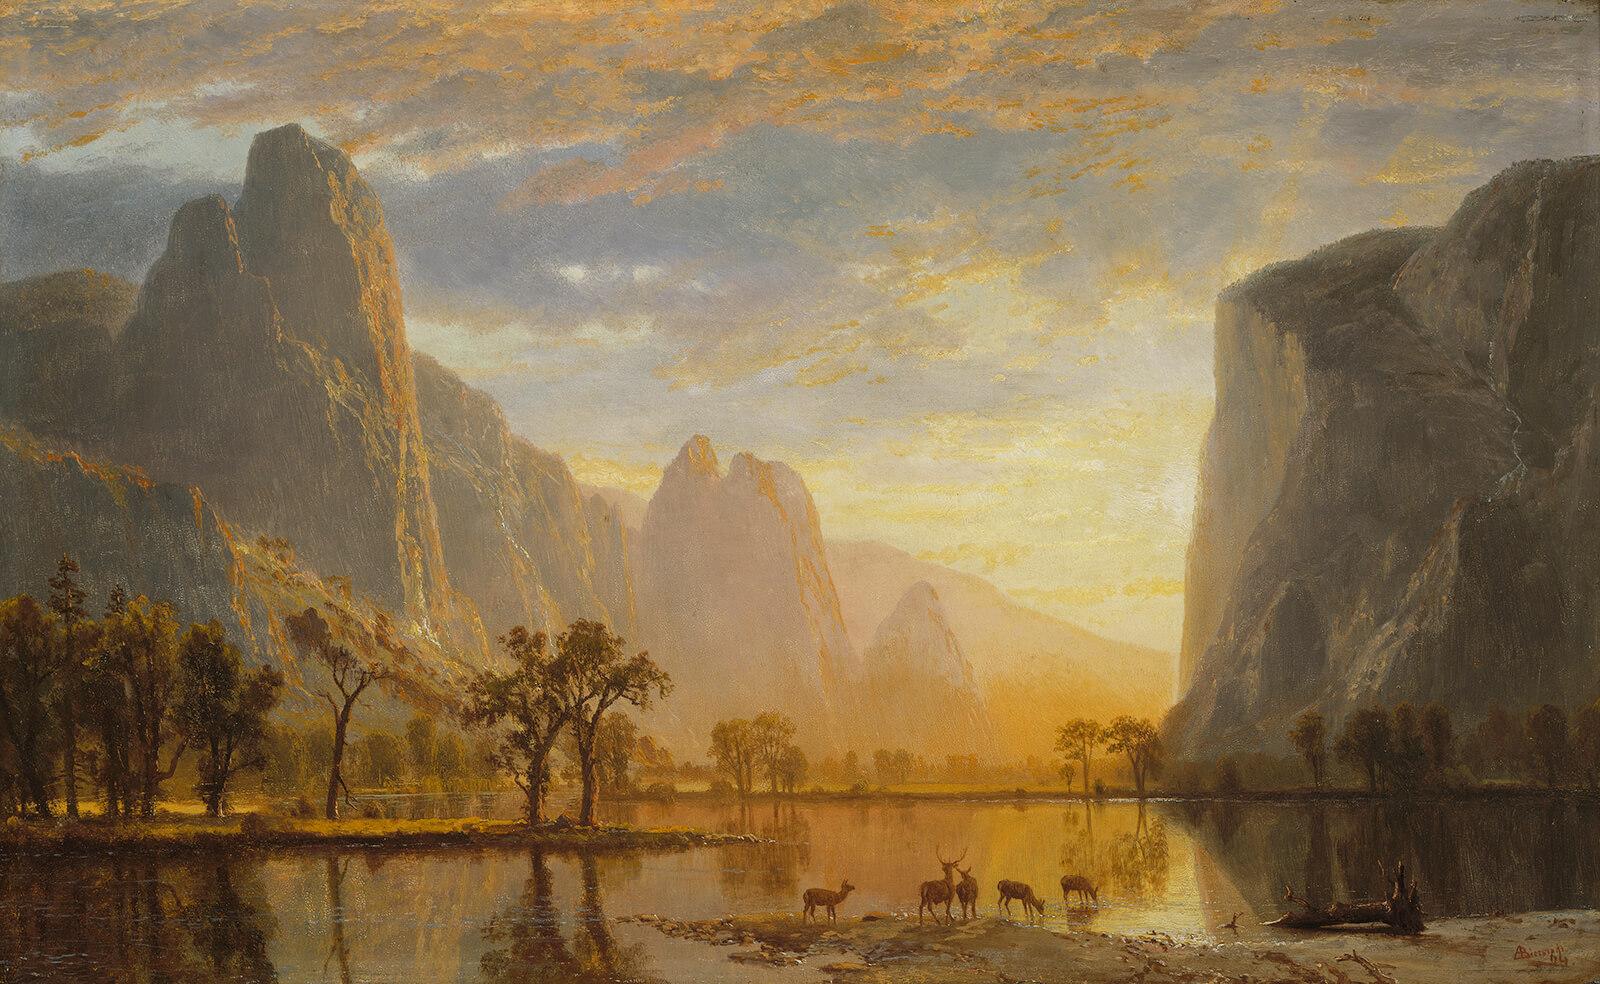 Albert Bierstadt, Valley of the Yosemite